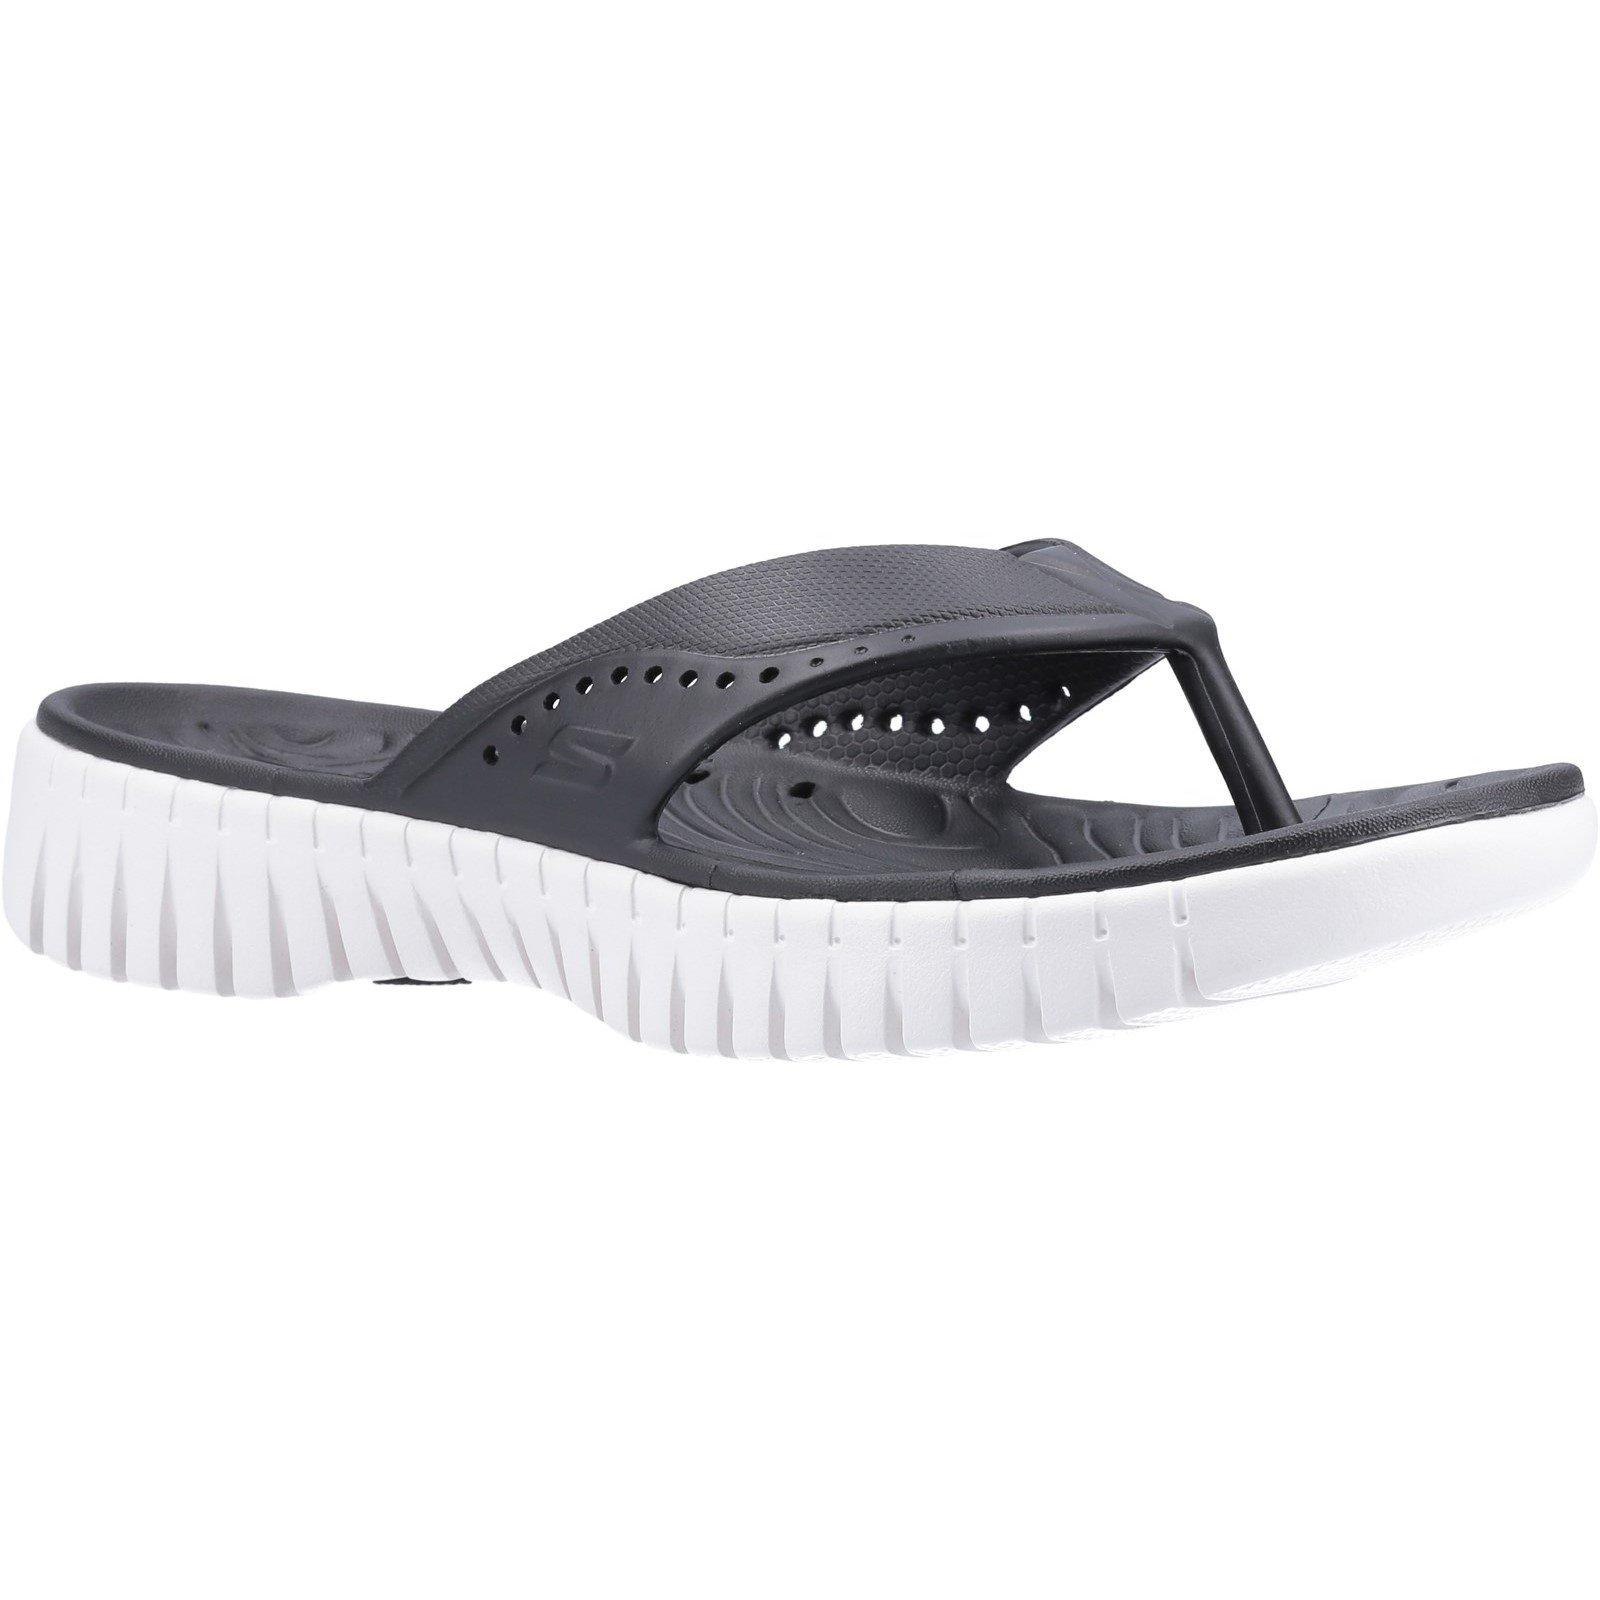 Skechers Women's GOwalk Smart Mahalo Sandal Various Colours 32371 - Black/White 6